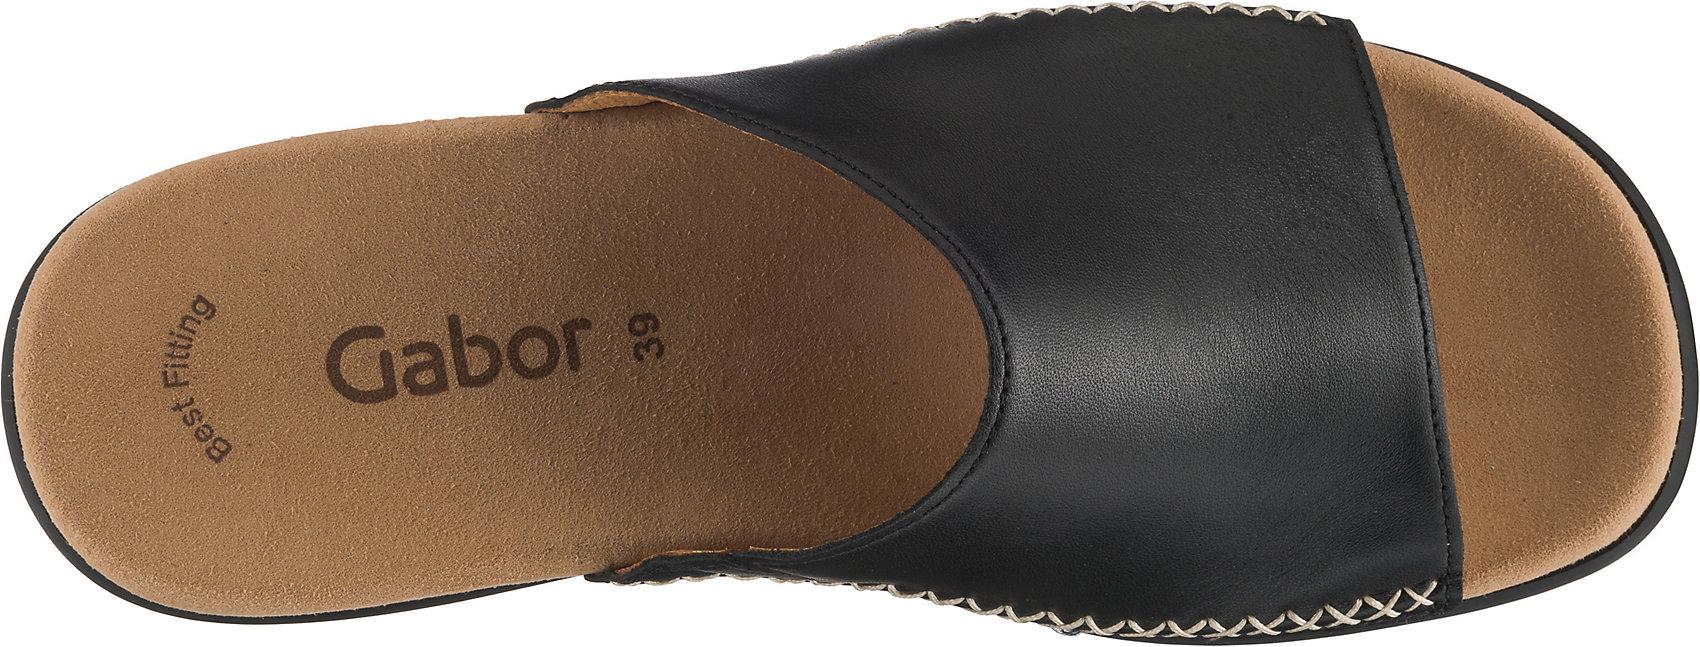 Neu-Gabor-Pantoletten-10749929-fuer-Damen-schwarz Indexbild 13